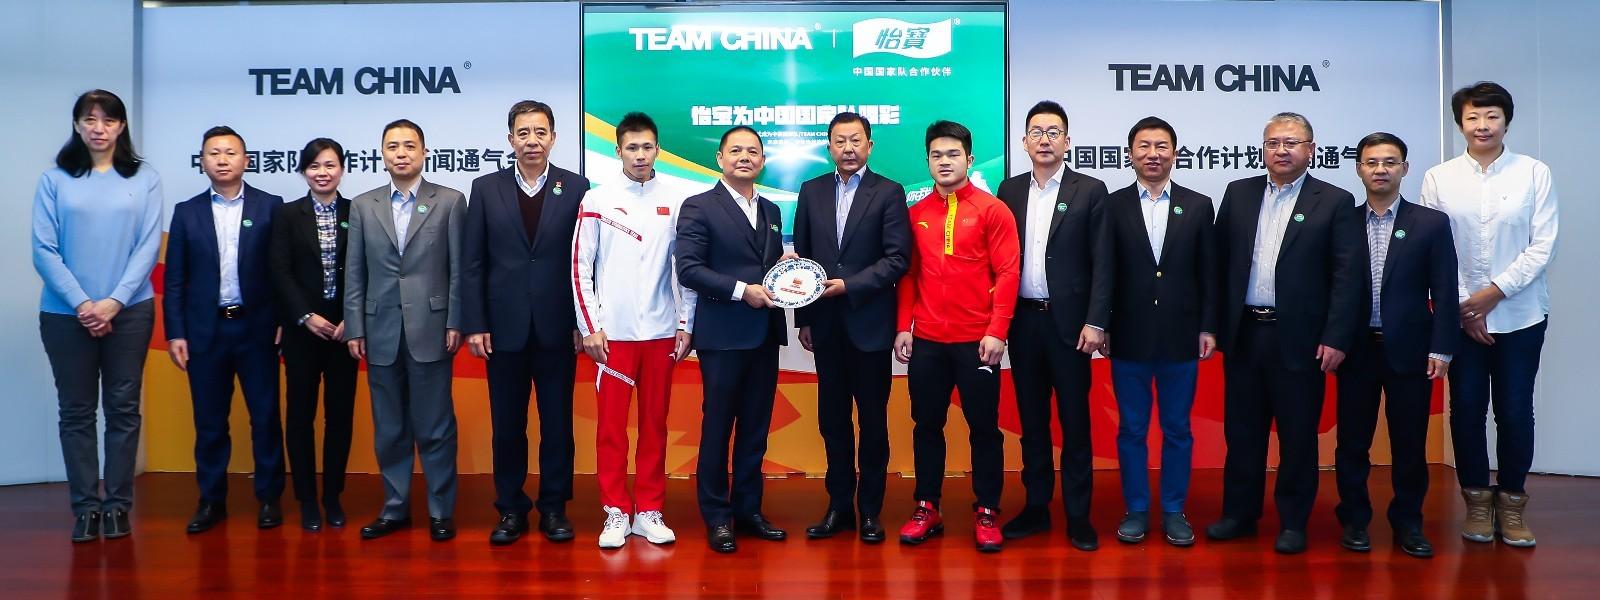 中国国家队品牌开发计划正式公布  华润怡宝成TEAM CHINA首家合作伙伴